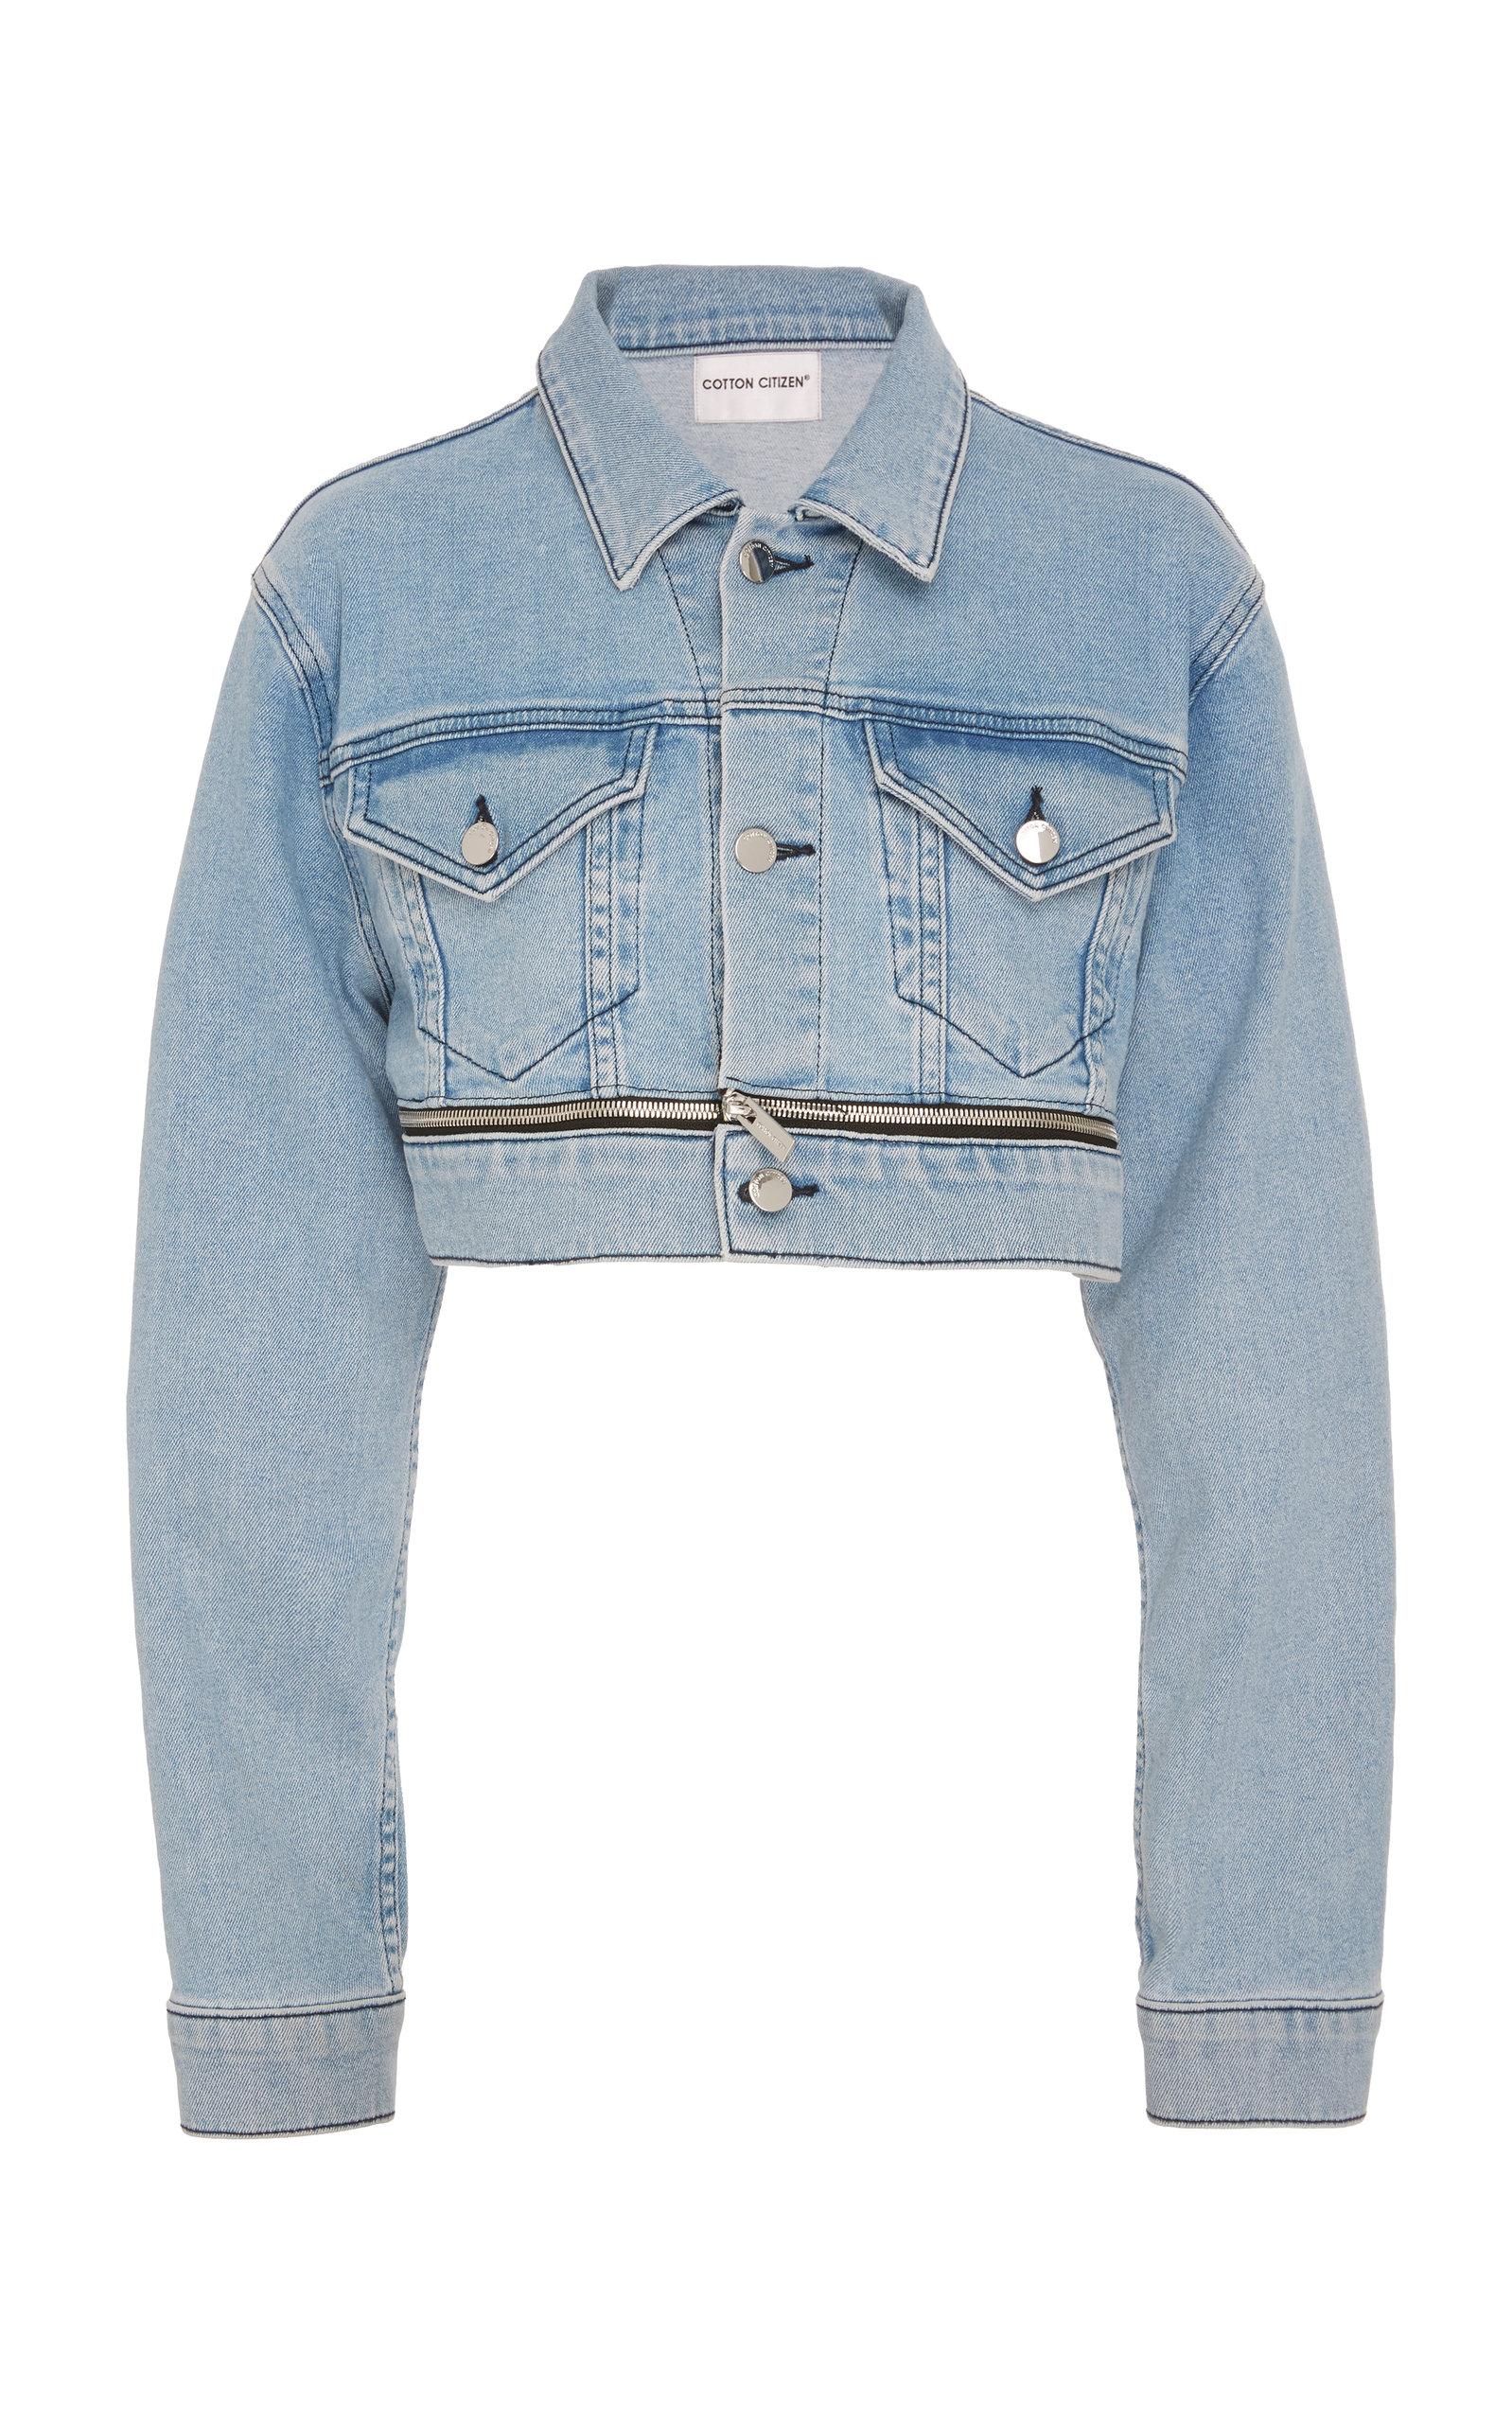 Cotton Citizen The Super Crop Open Zip Denim Jacket In Light Wash